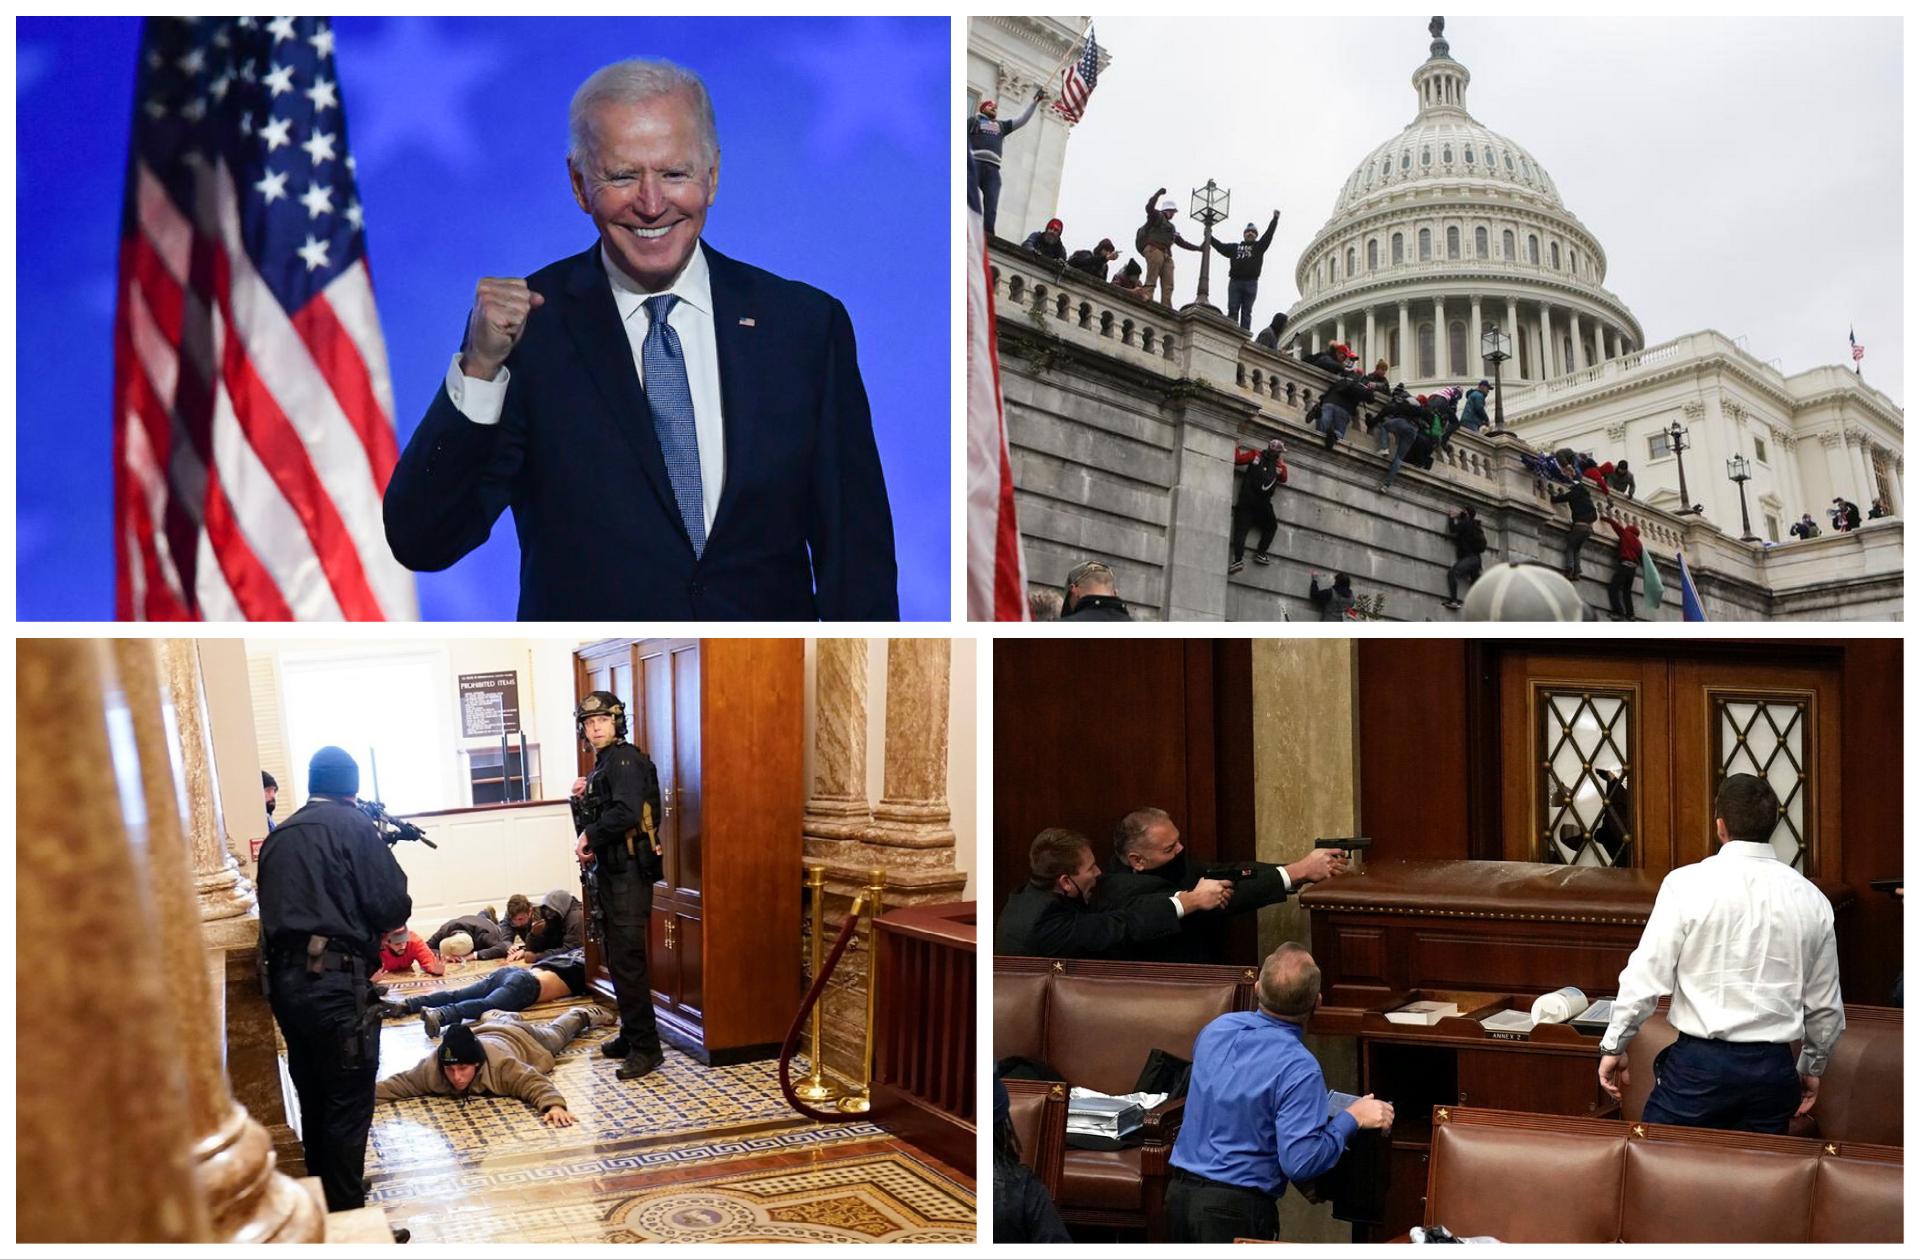 Joe Biden, confirmat președinte al SUA. Cel puțin patru oameni au murit și 14 au fost răniți în timpul violențelor din clădirea Capitoliului (VIDEO)